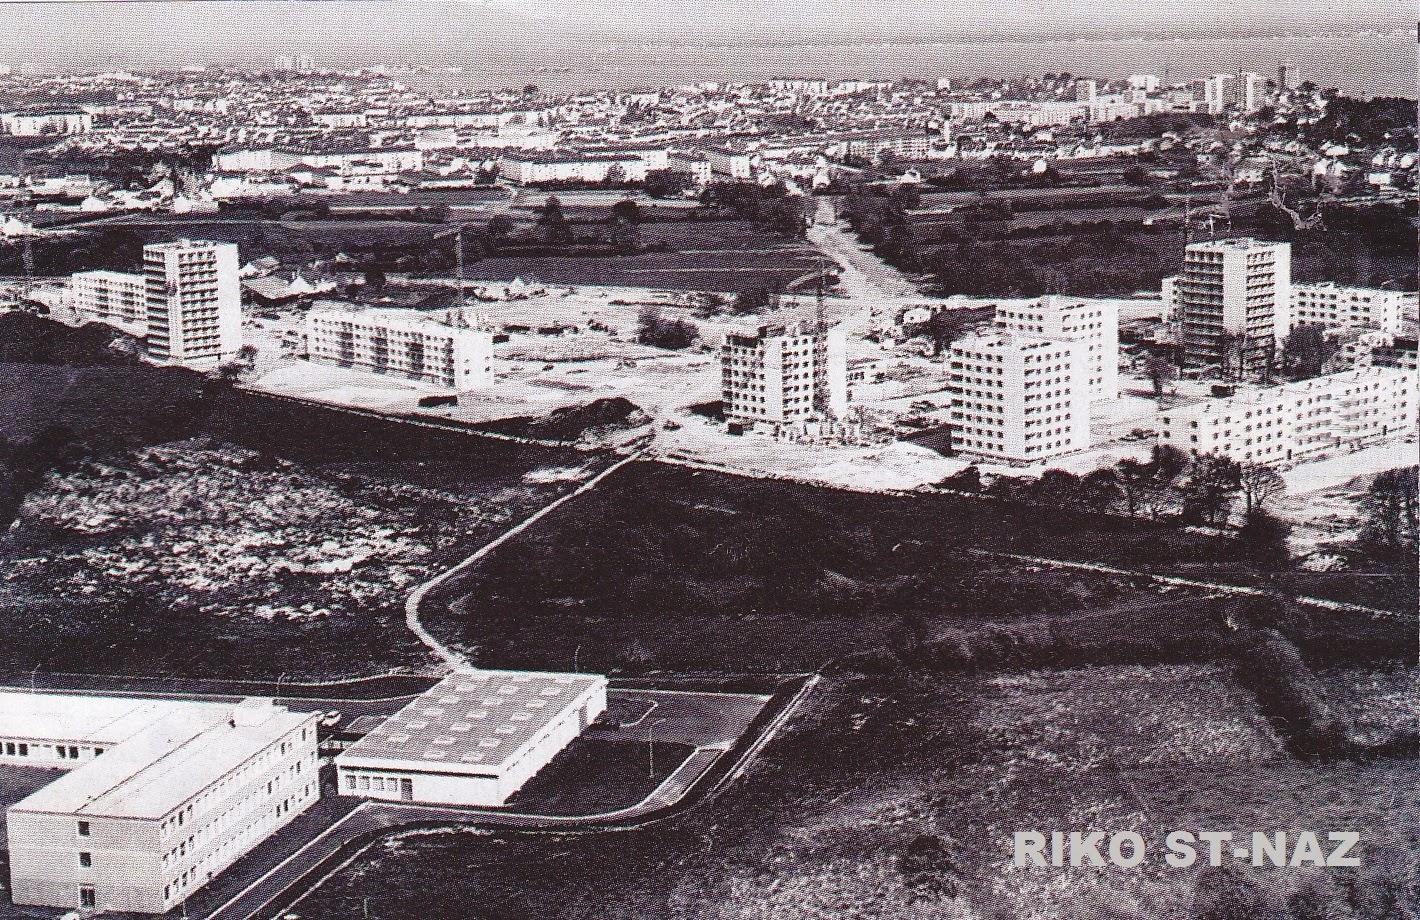 Saint nazaire reconstruction d 39 une ville st nazaire for Construction piscine nantes